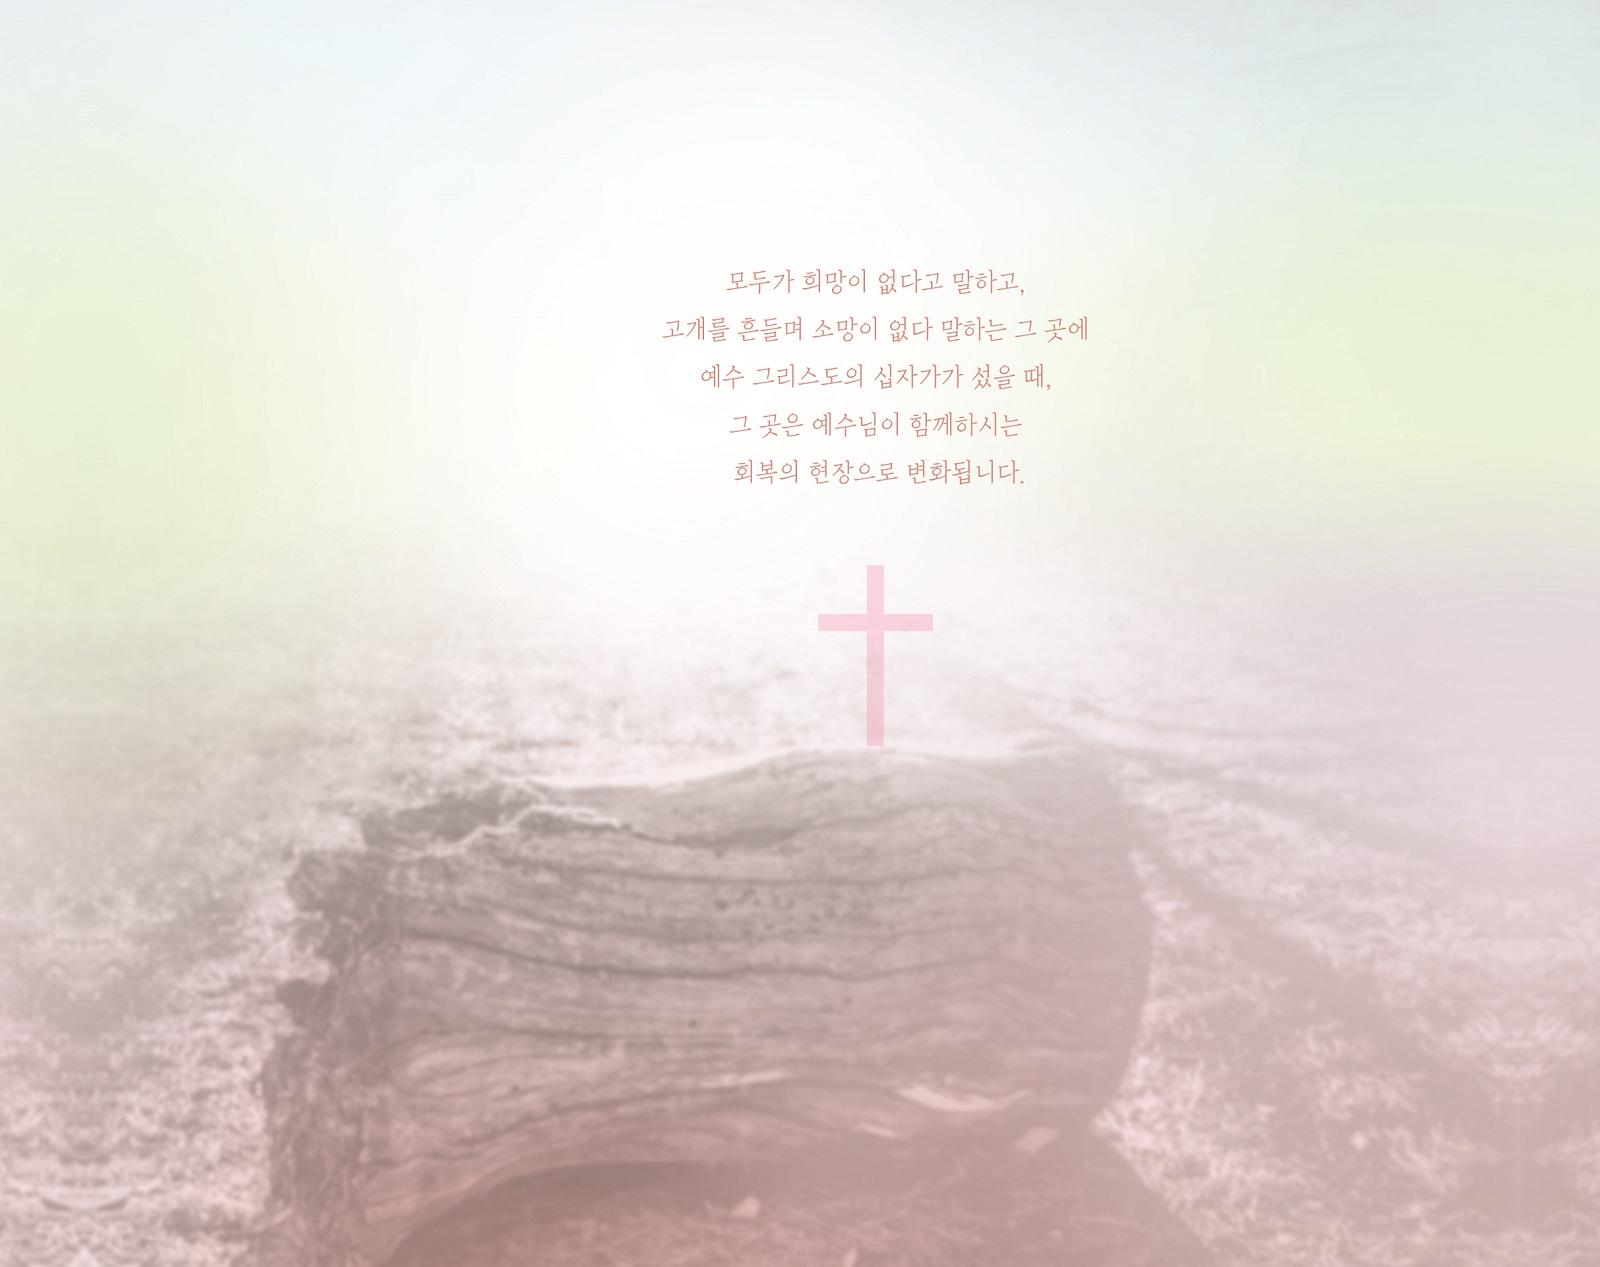 장상미 1집 - 절망 위에 선 십자가 (음원)